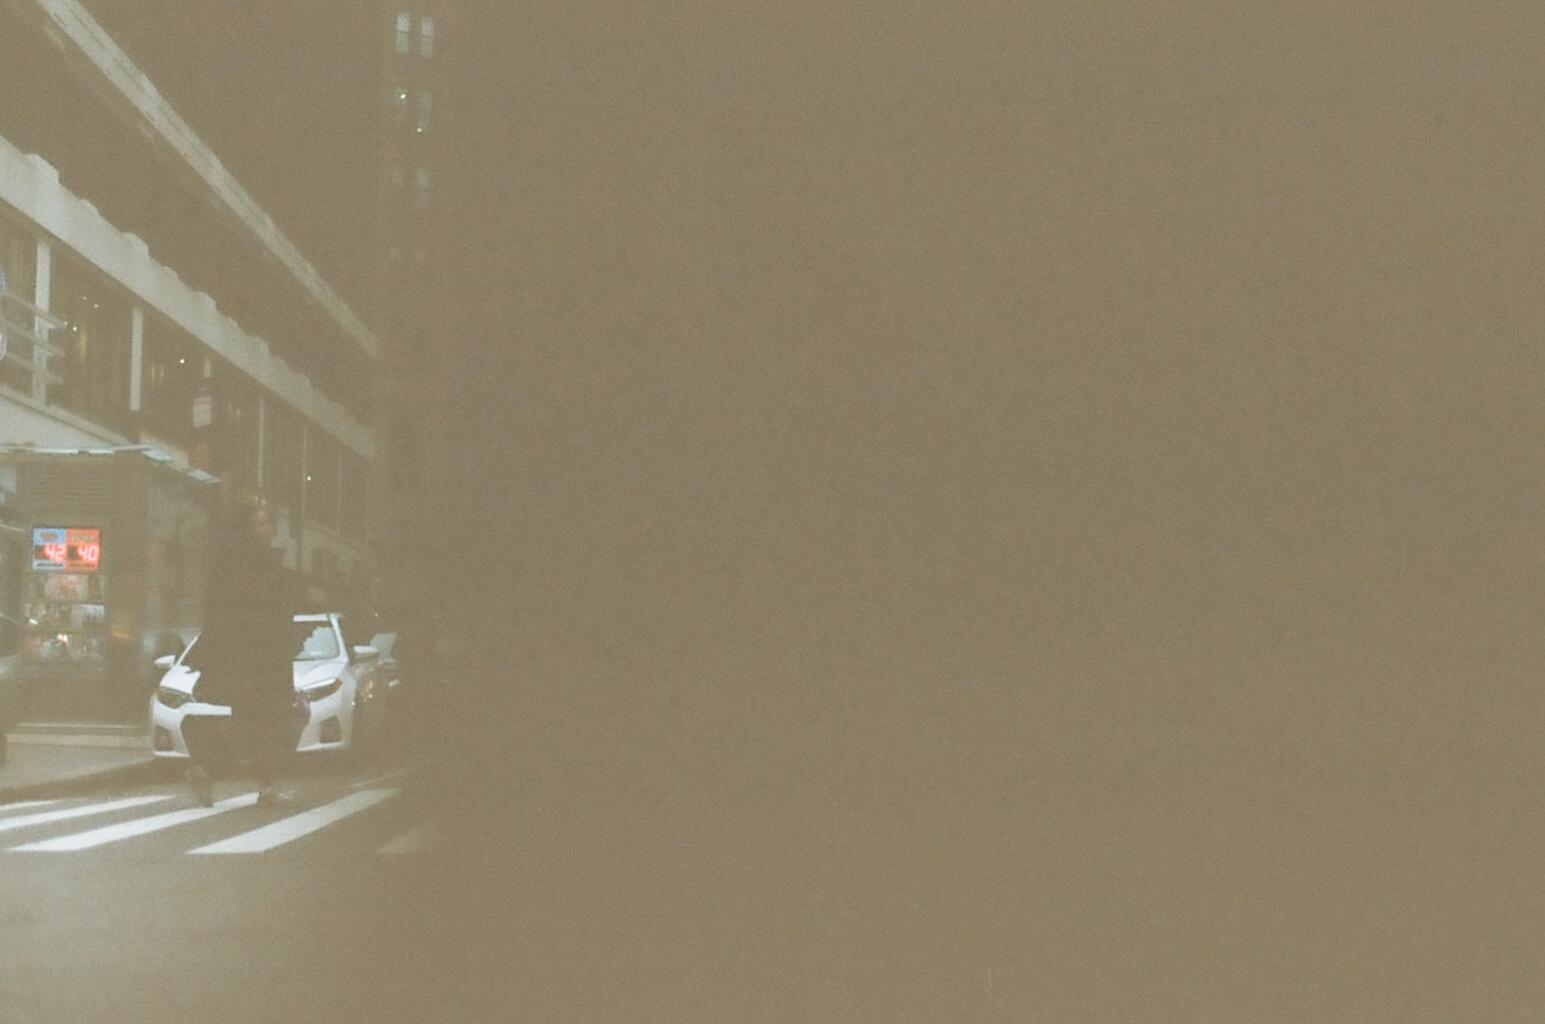 35mm Film Cameraplex_17